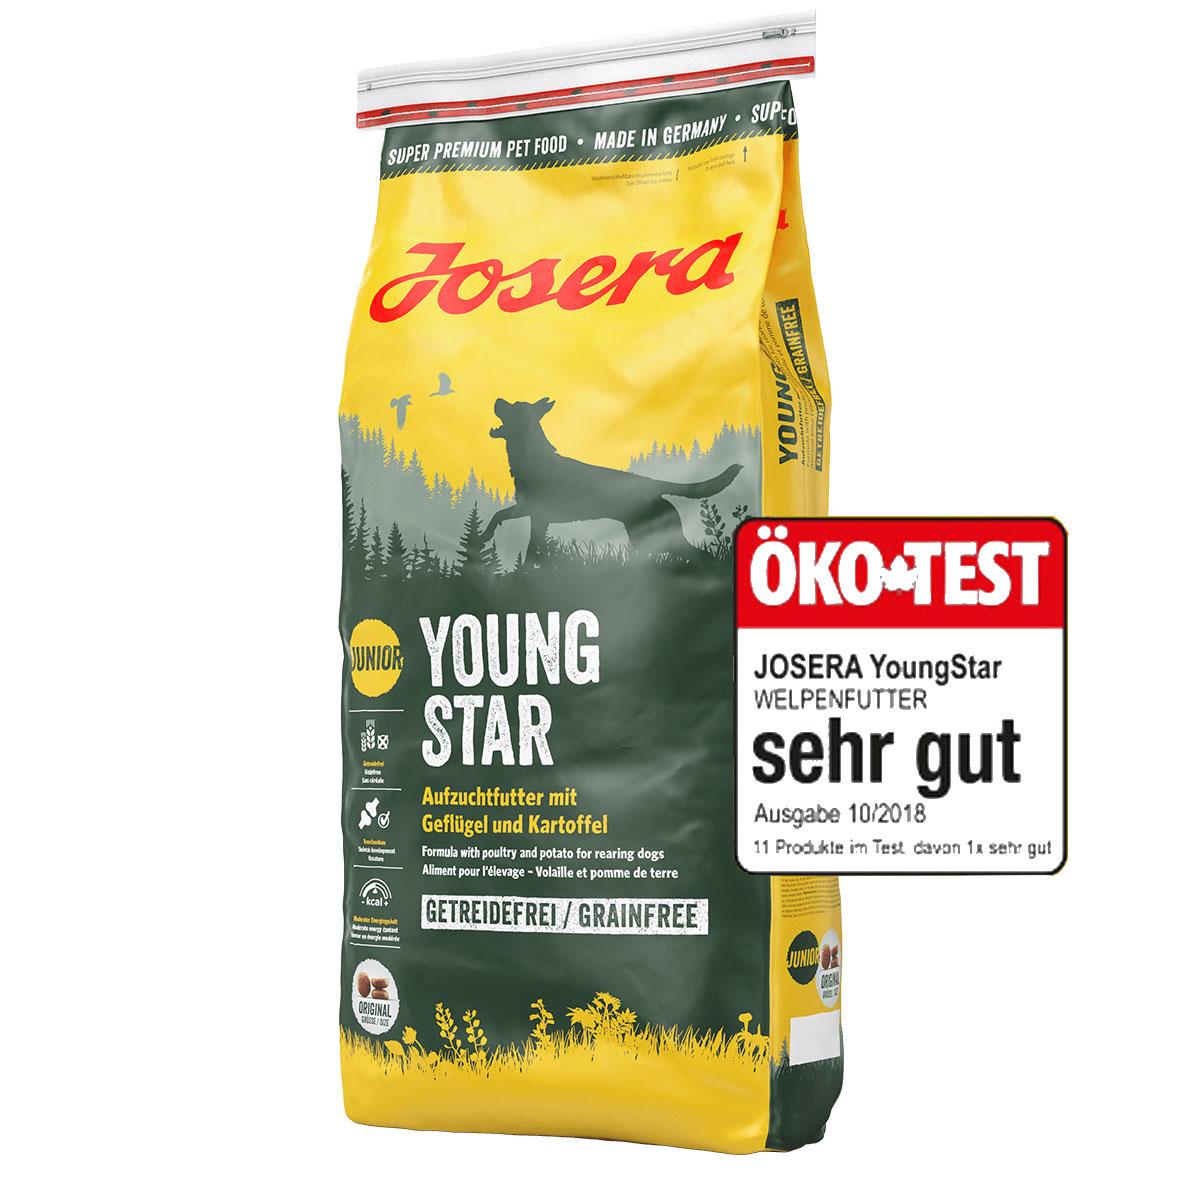 Josera YoungStar Welpenfutter getreidefrei, Bild 2